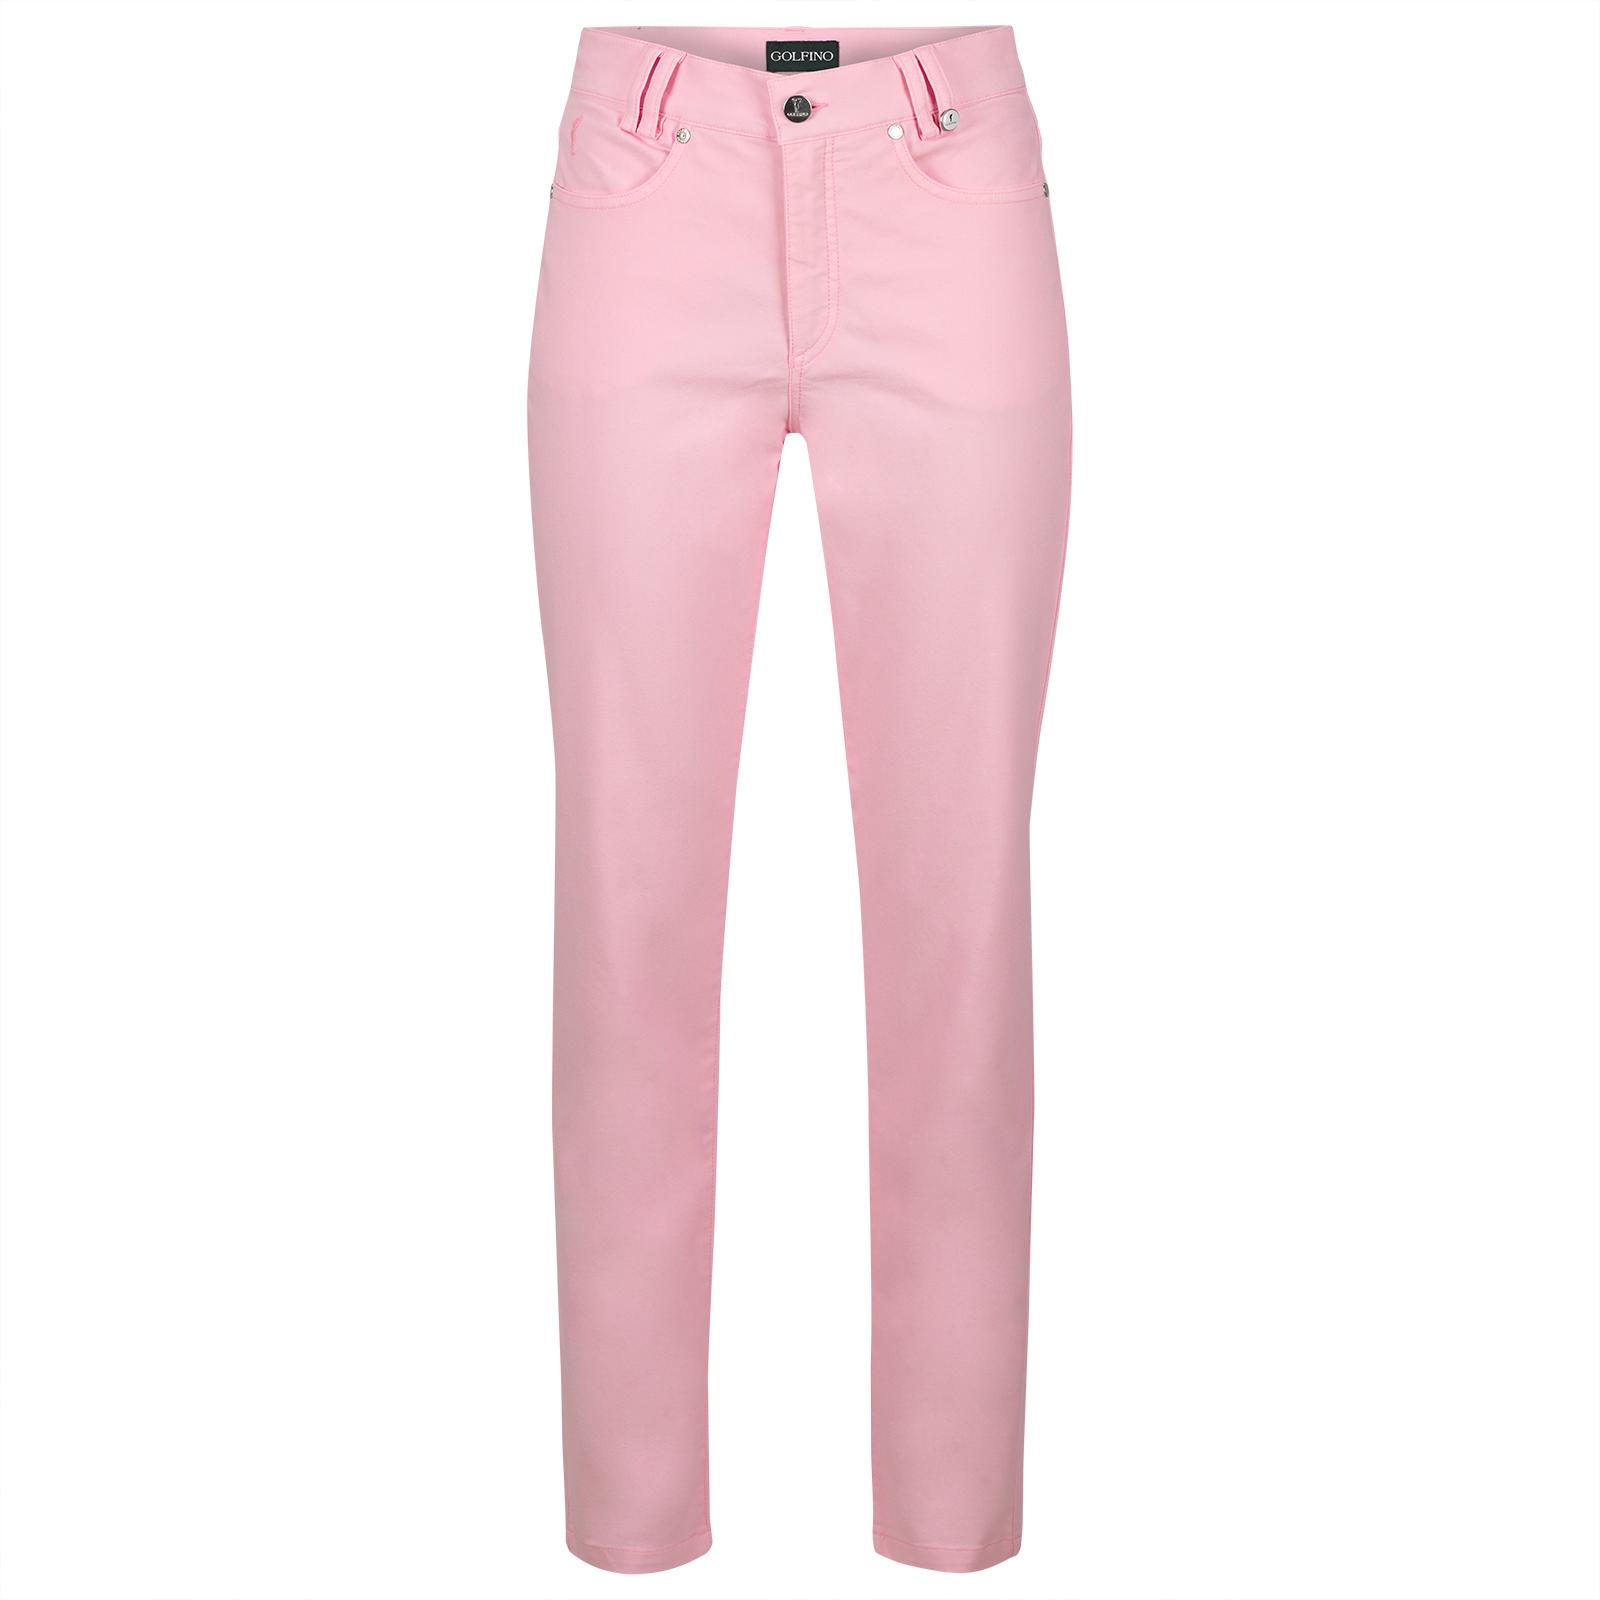 Cotton-Blend Damen 7/8-Golfhose mit sehr guten Stretcheigenschaften